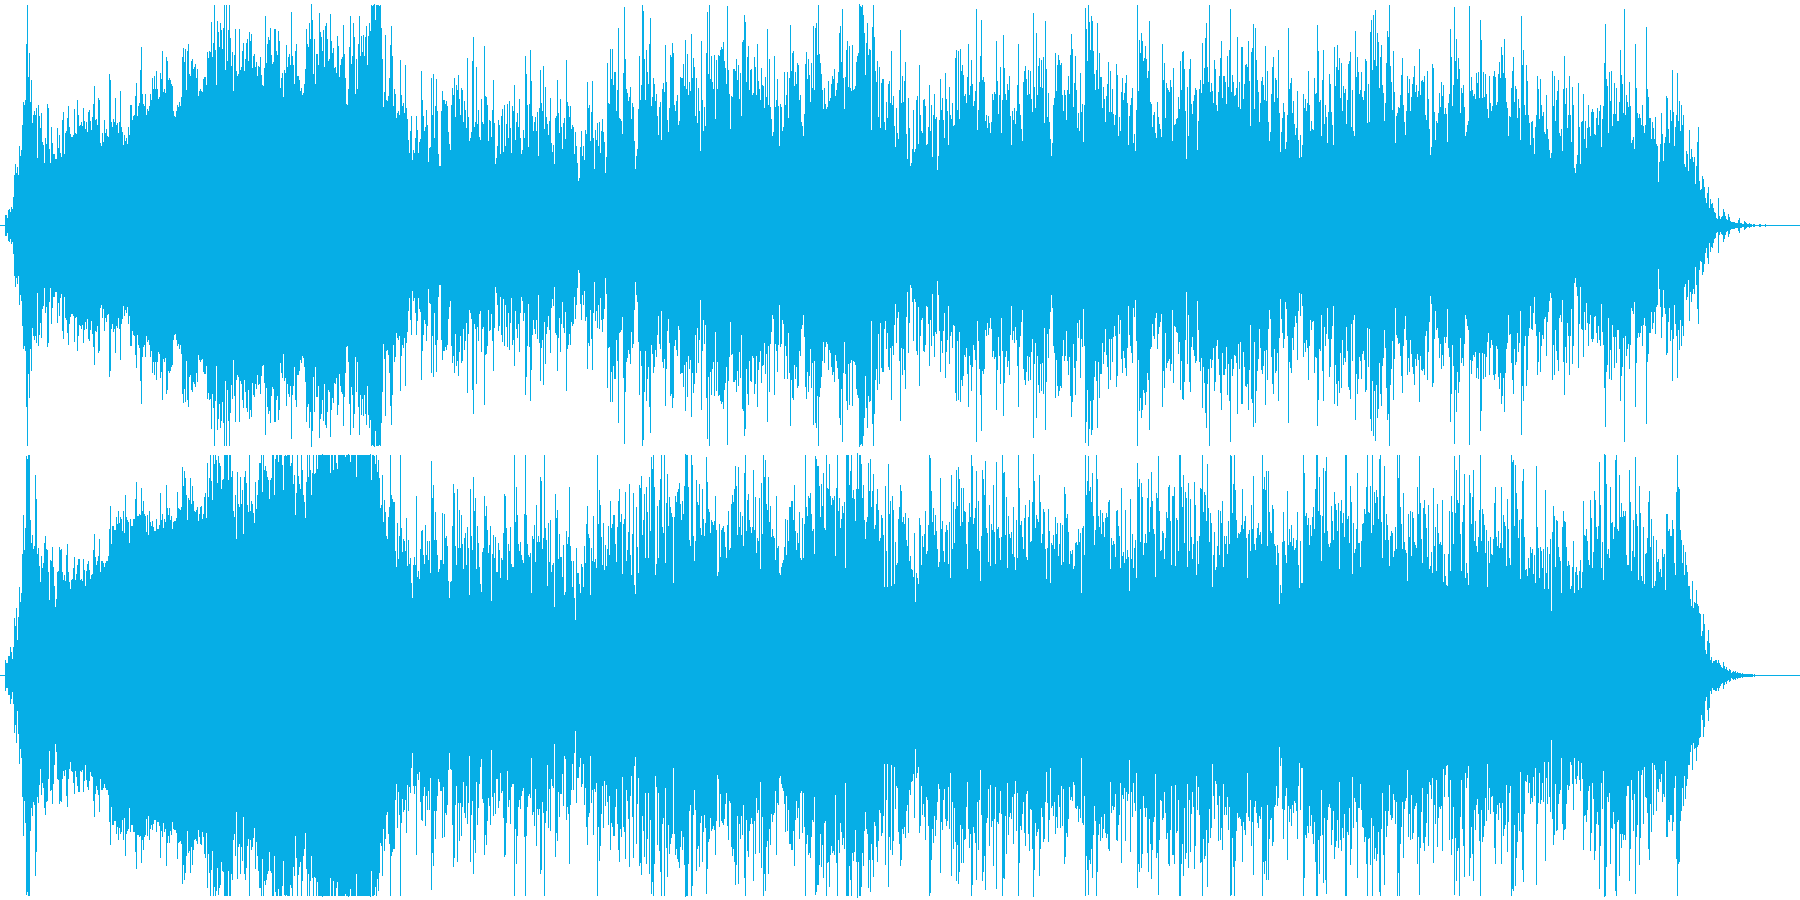 迫力、緊張感のある戦闘シーンの曲の再生済みの波形